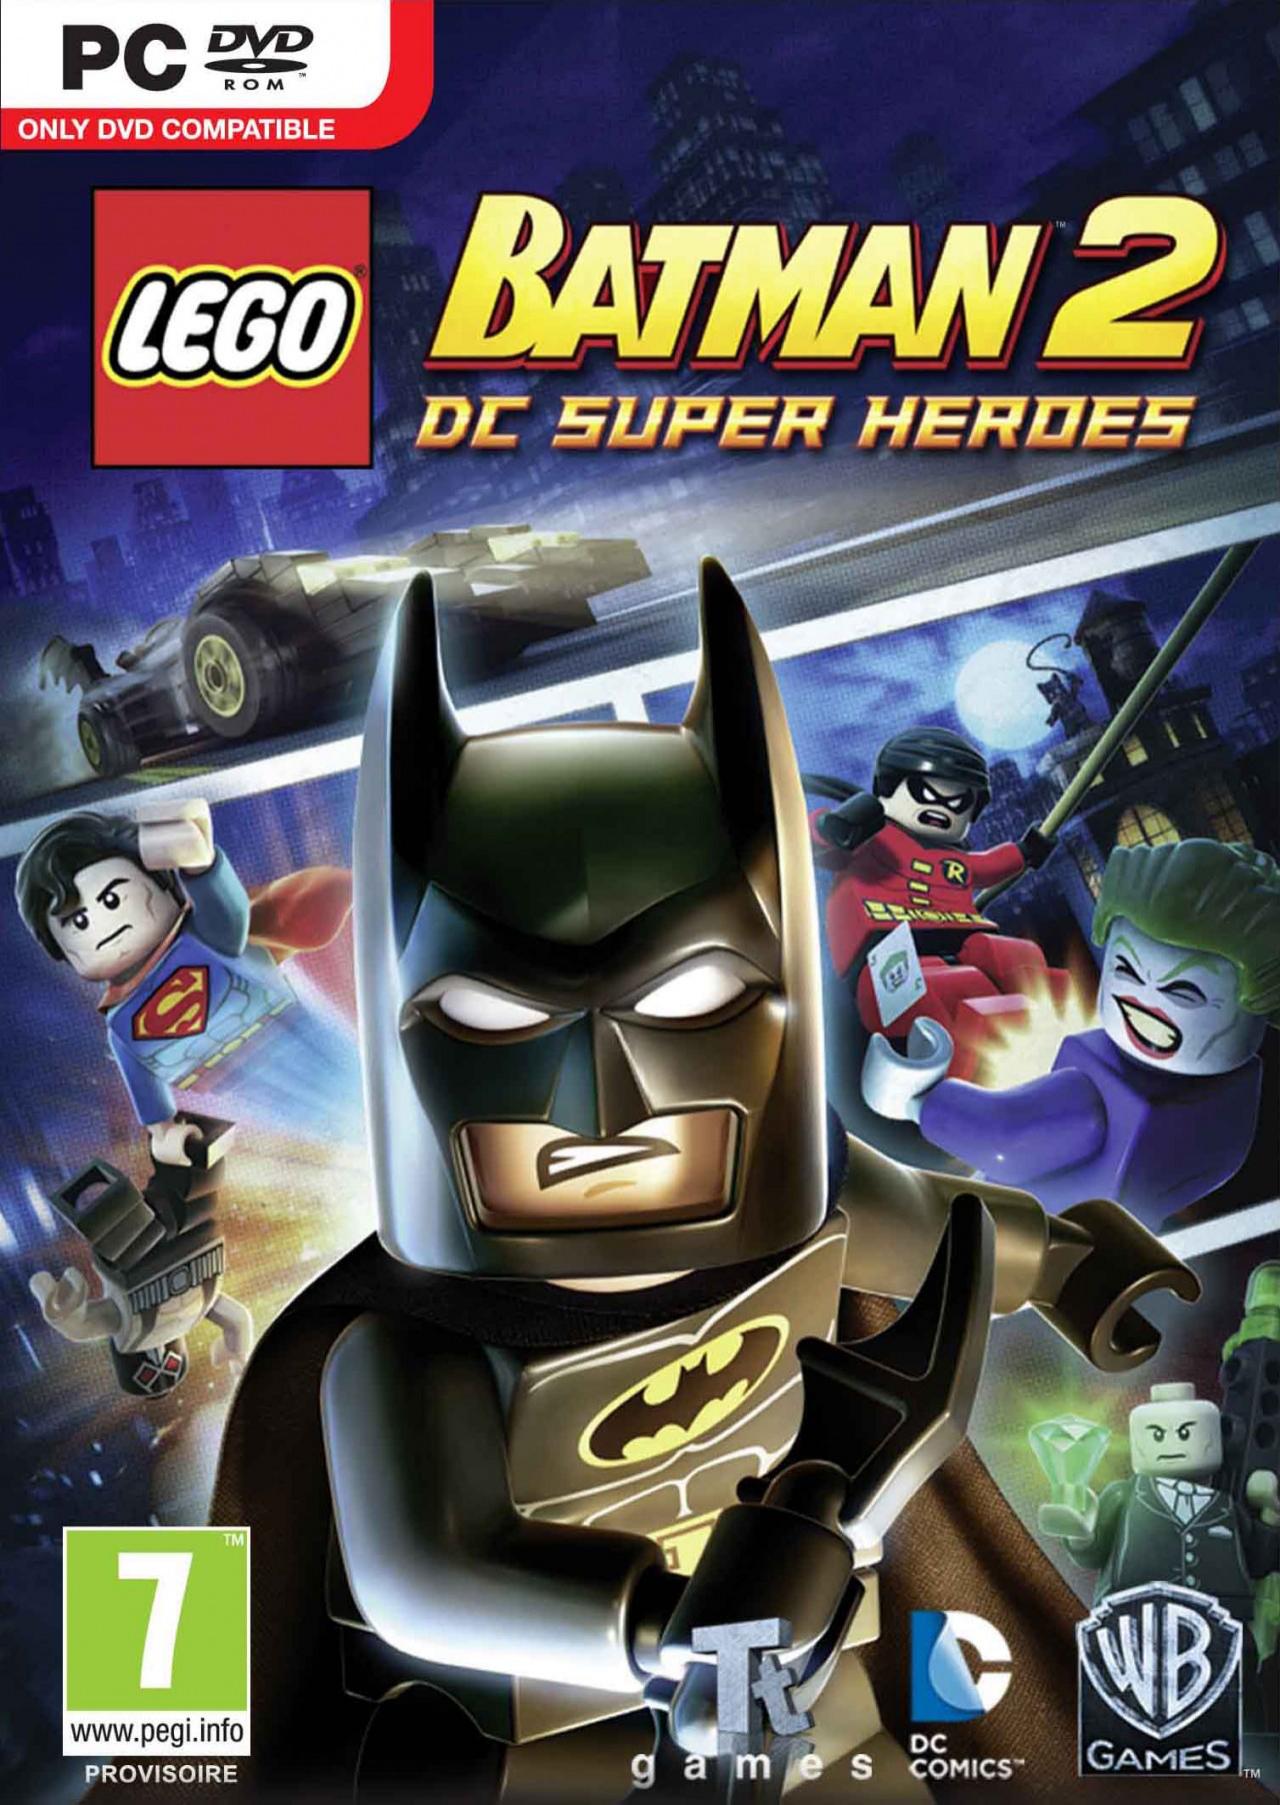 LEGO Batman 2 : DC Super Heroes PC (Dématerialisé)